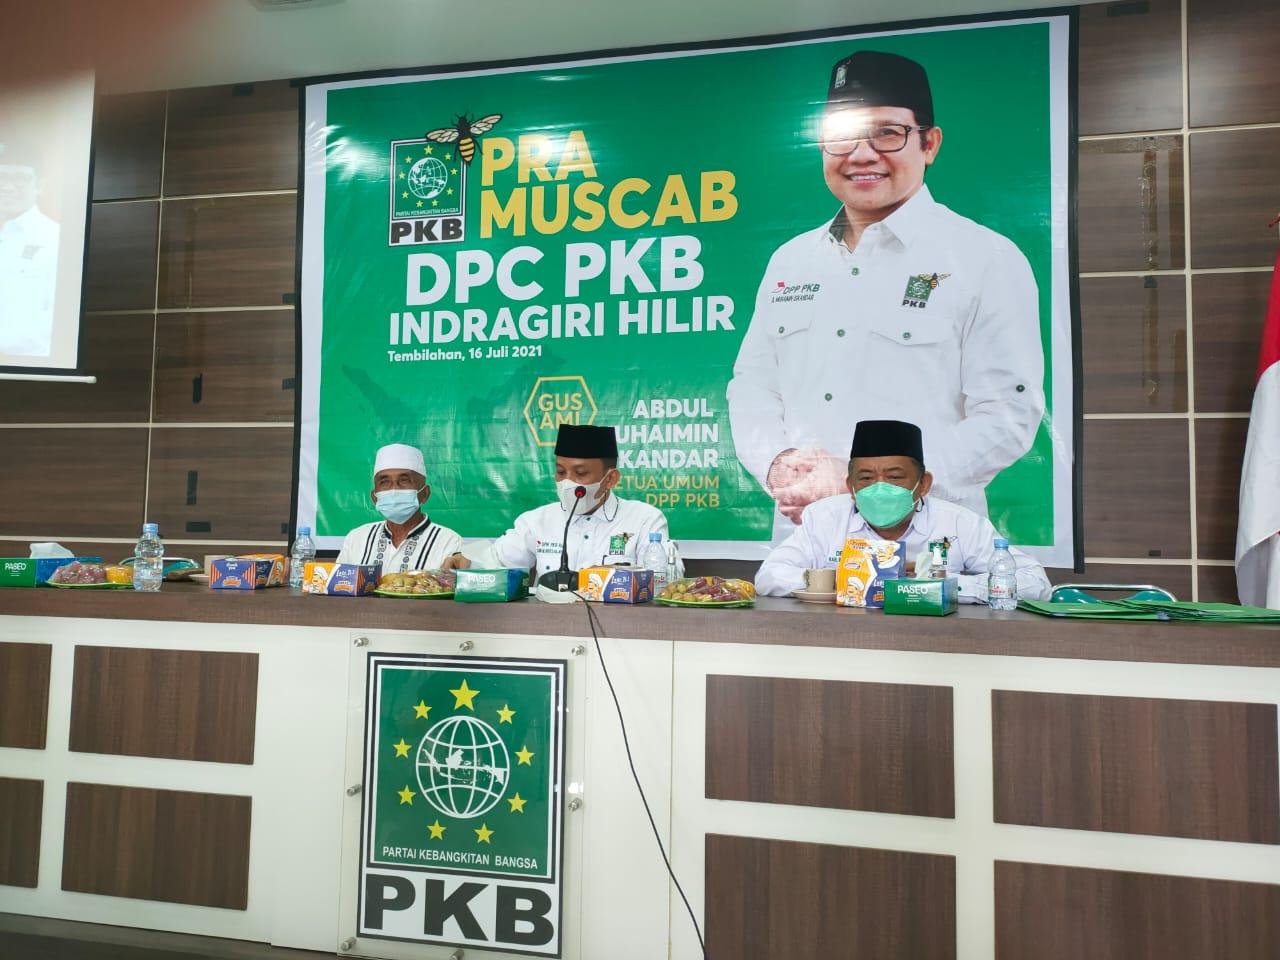 Hasil Pra Muscab Ke-5 PKB Inhil Mengerucut ke Iwan Taruna